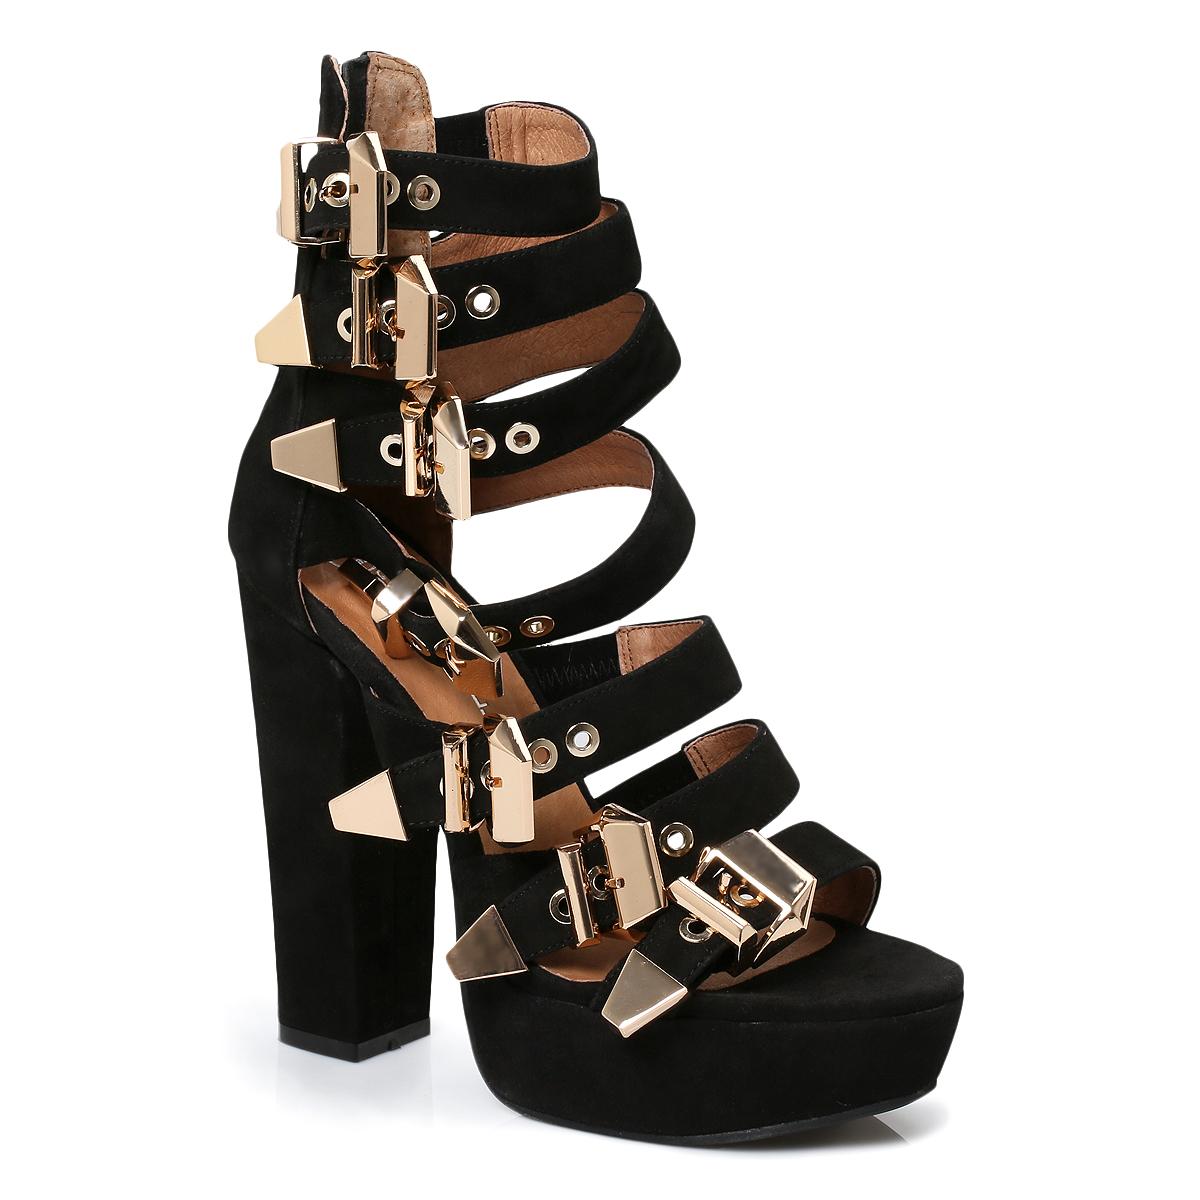 Black Heels With Gold Buckle | Tsaa Heel